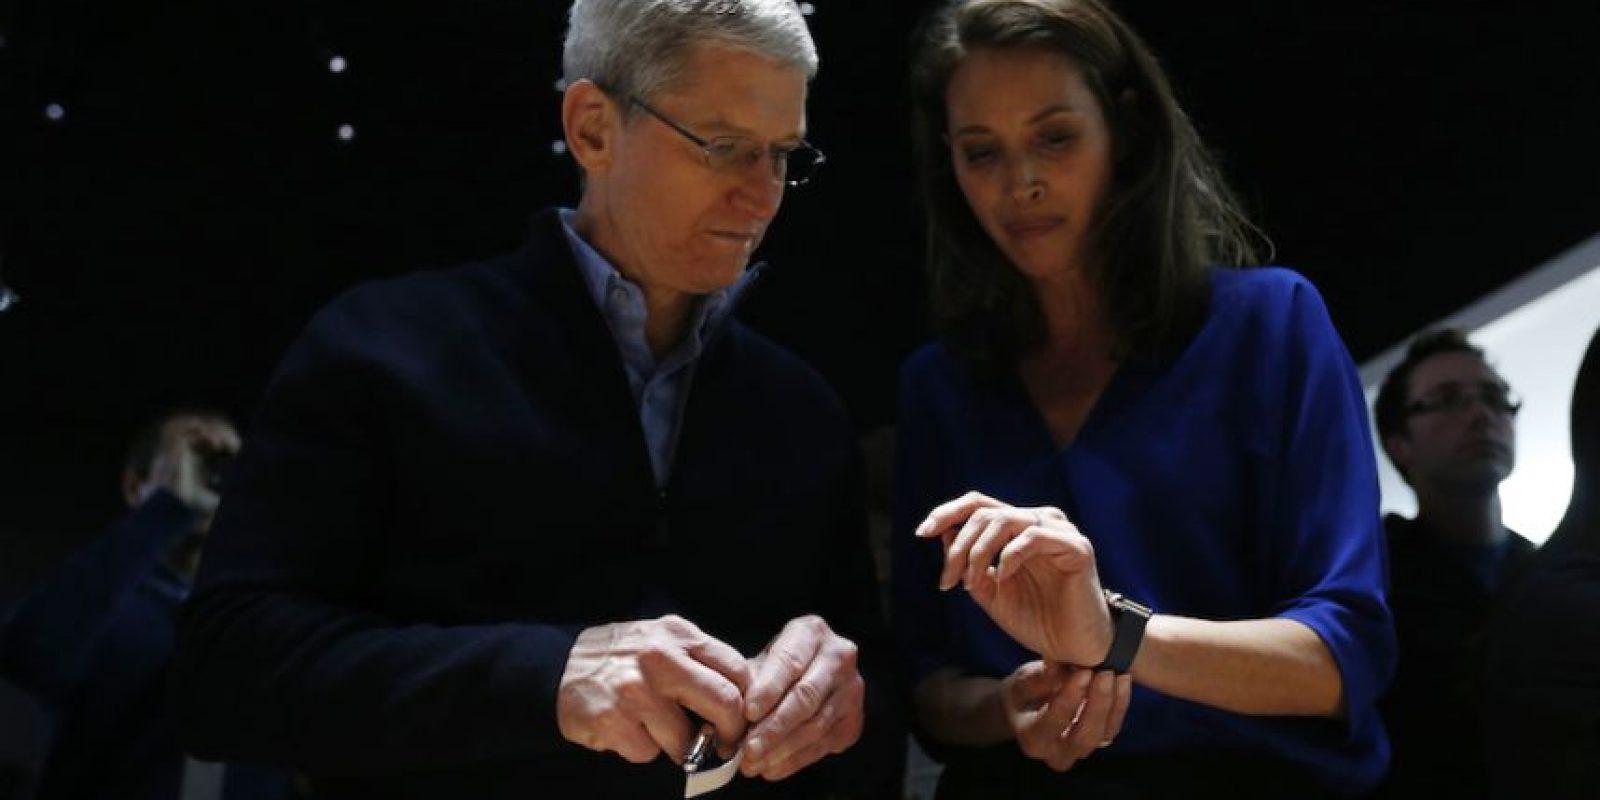 """Tim Cook dice que el """"Apple Watch va a encantar a nuestros clientes de una forma que todavía no se imaginan"""". Foto:Getty Images"""